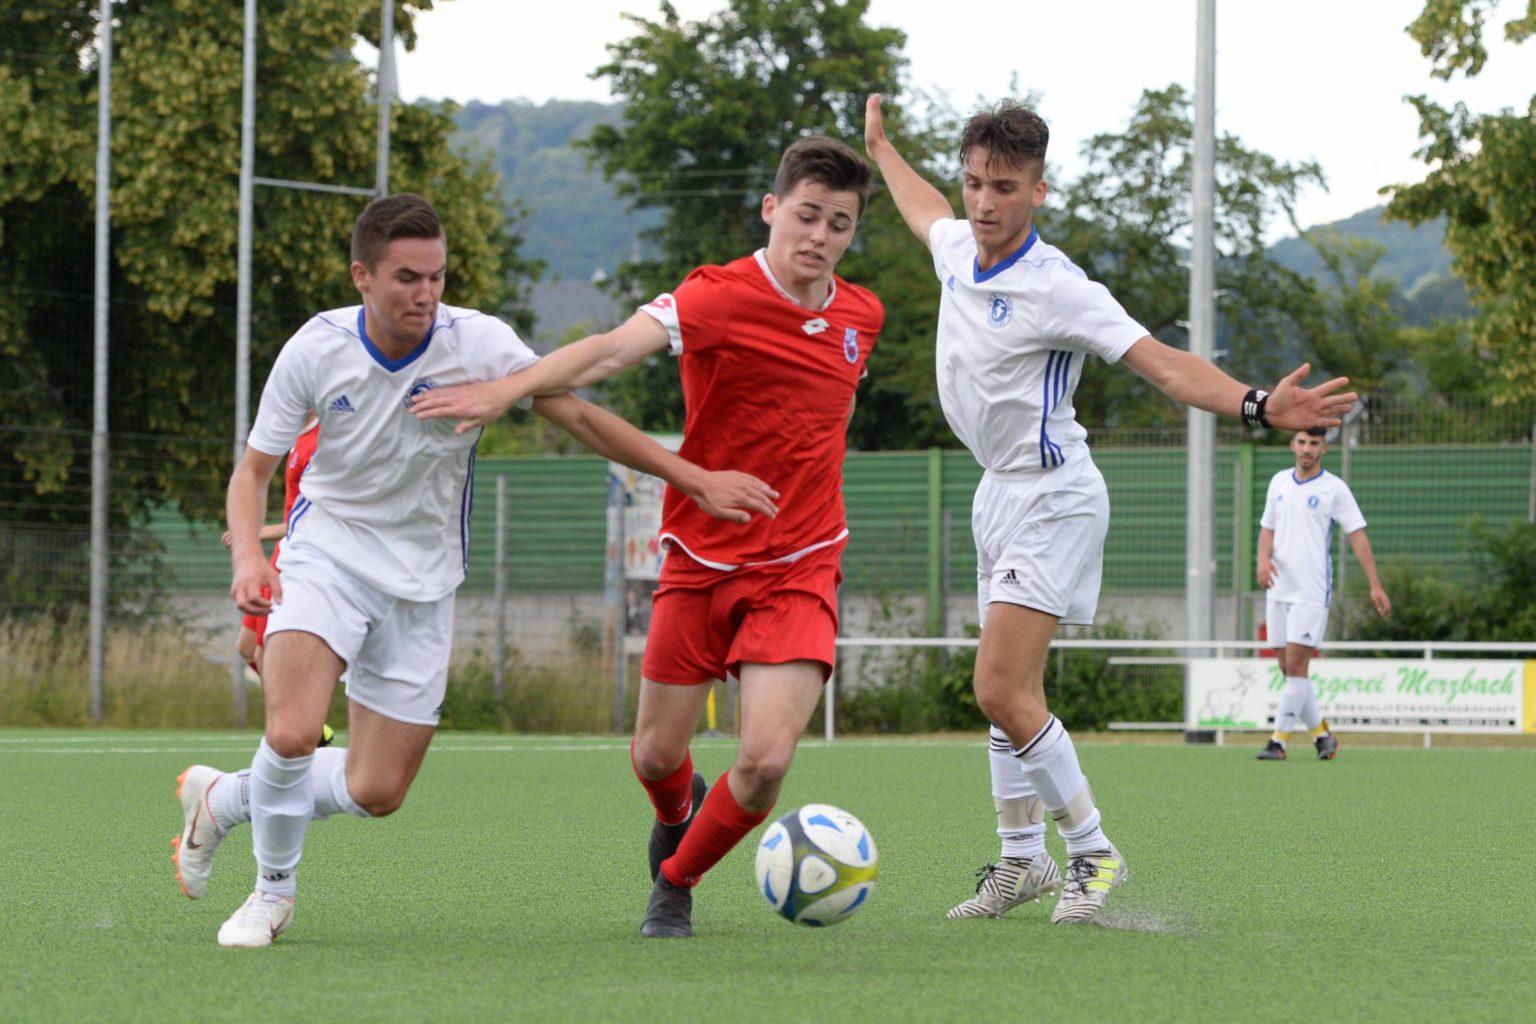 DSC_0729 BSC U19 Kreipokalsieger 2018-19